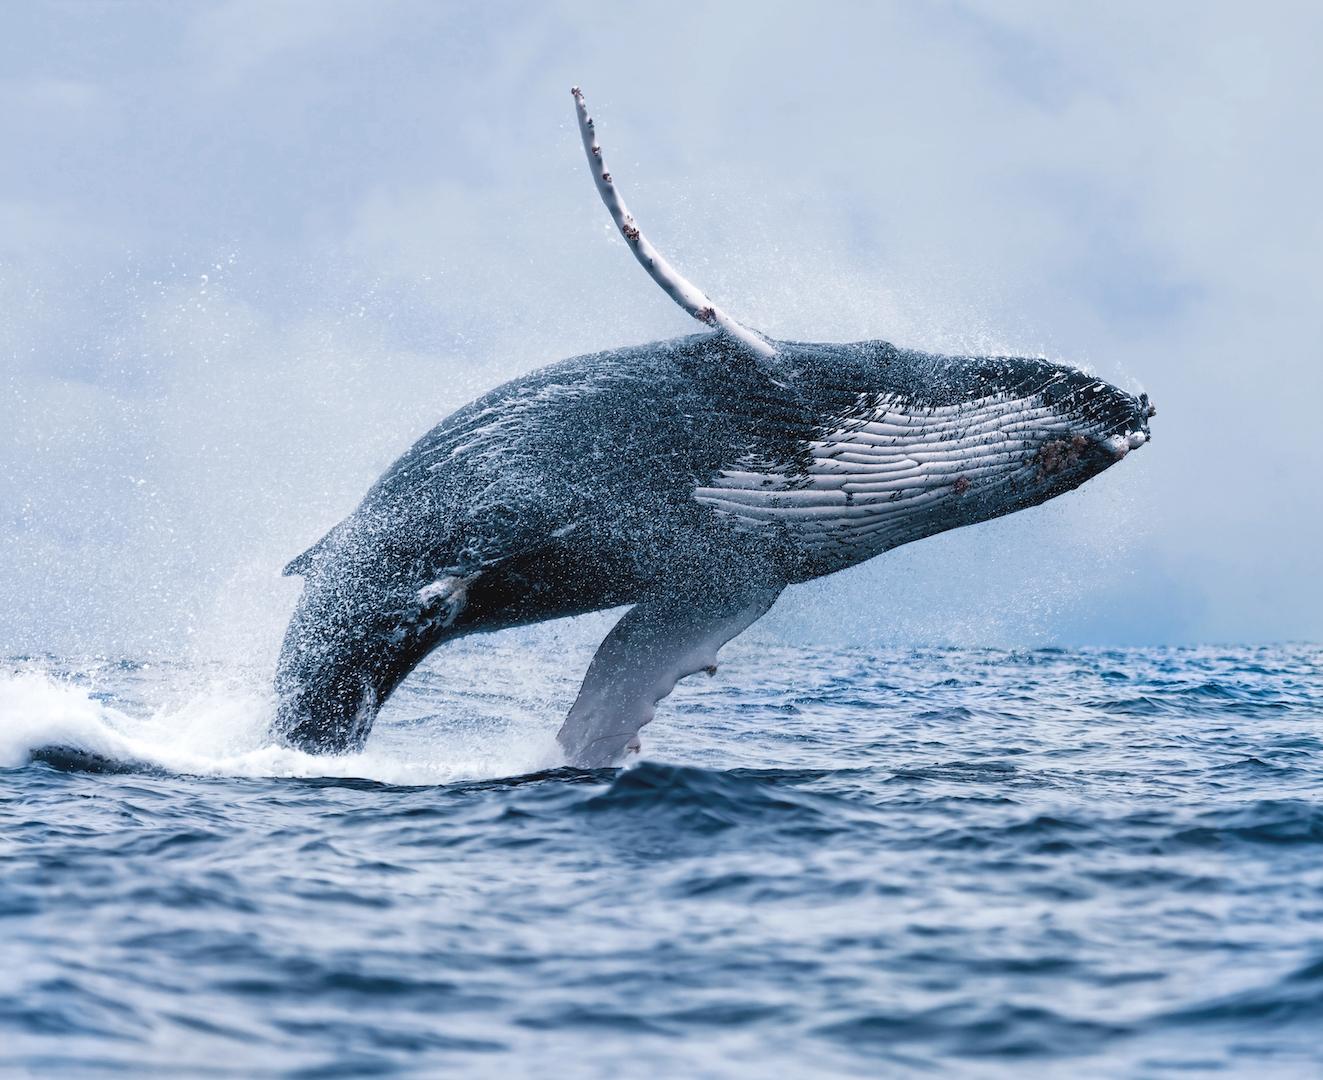 На китовом сафари вы можете увидеть горбатых китов, выделывающих невероятные акробатические трюки